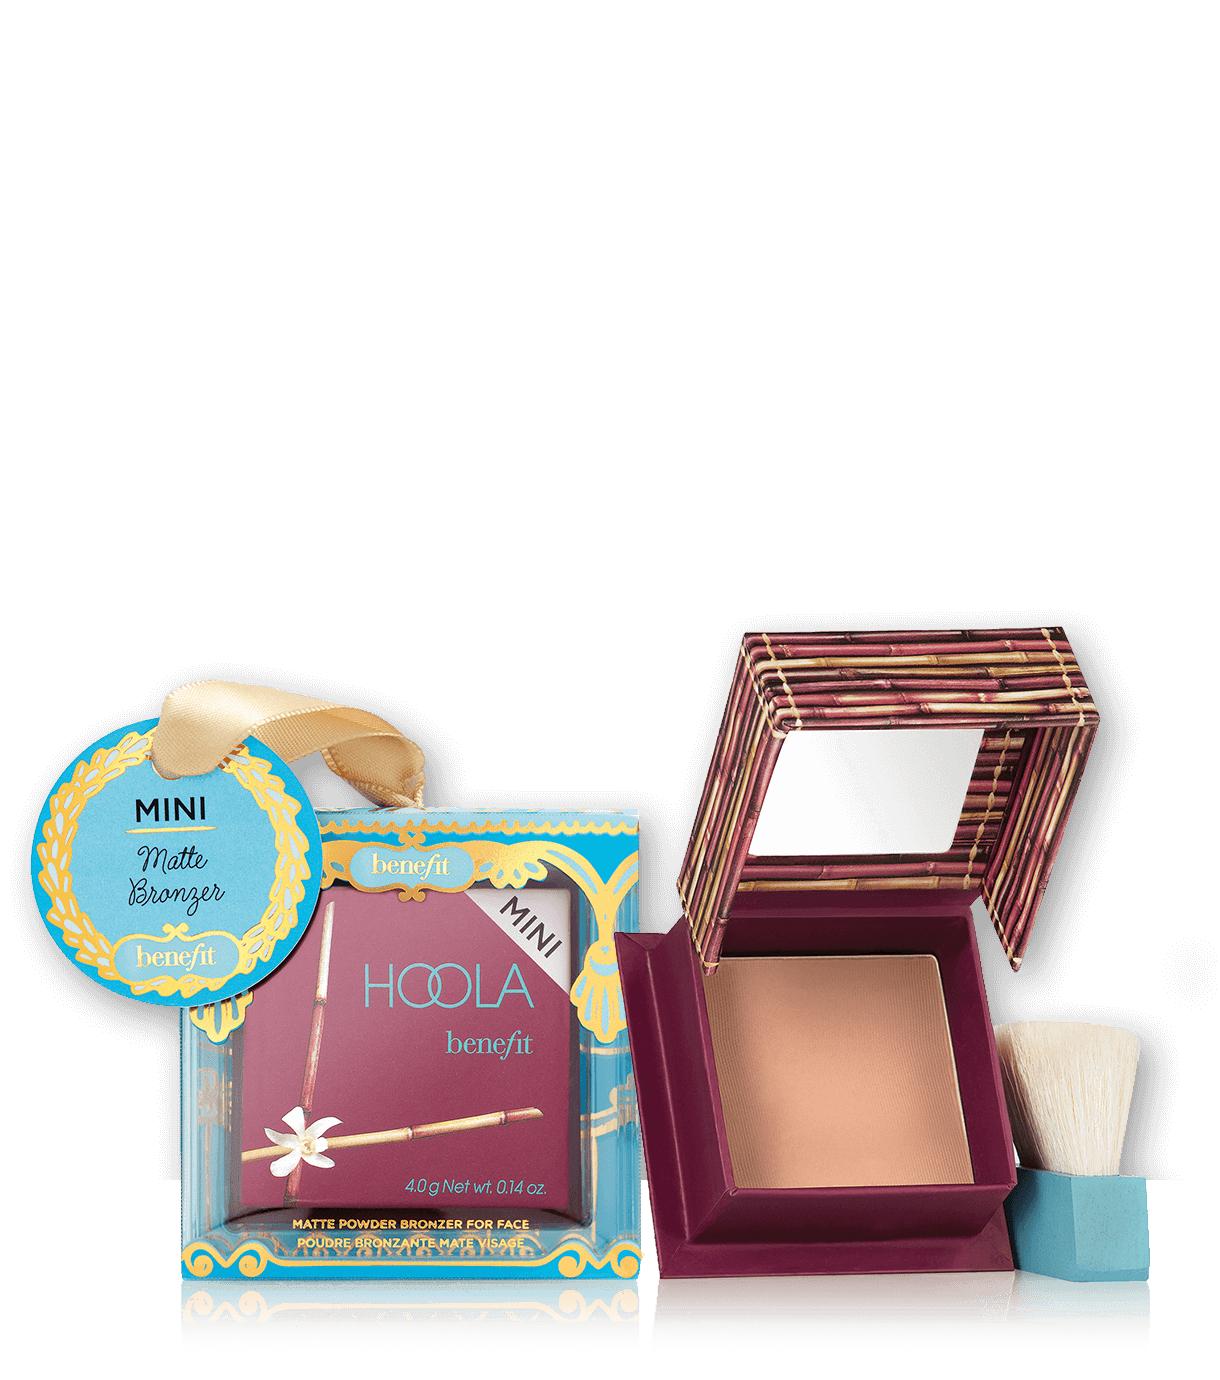 Mini Hoola only £8.33 @ Benefit Cosmetics (+£2.95 P&P)